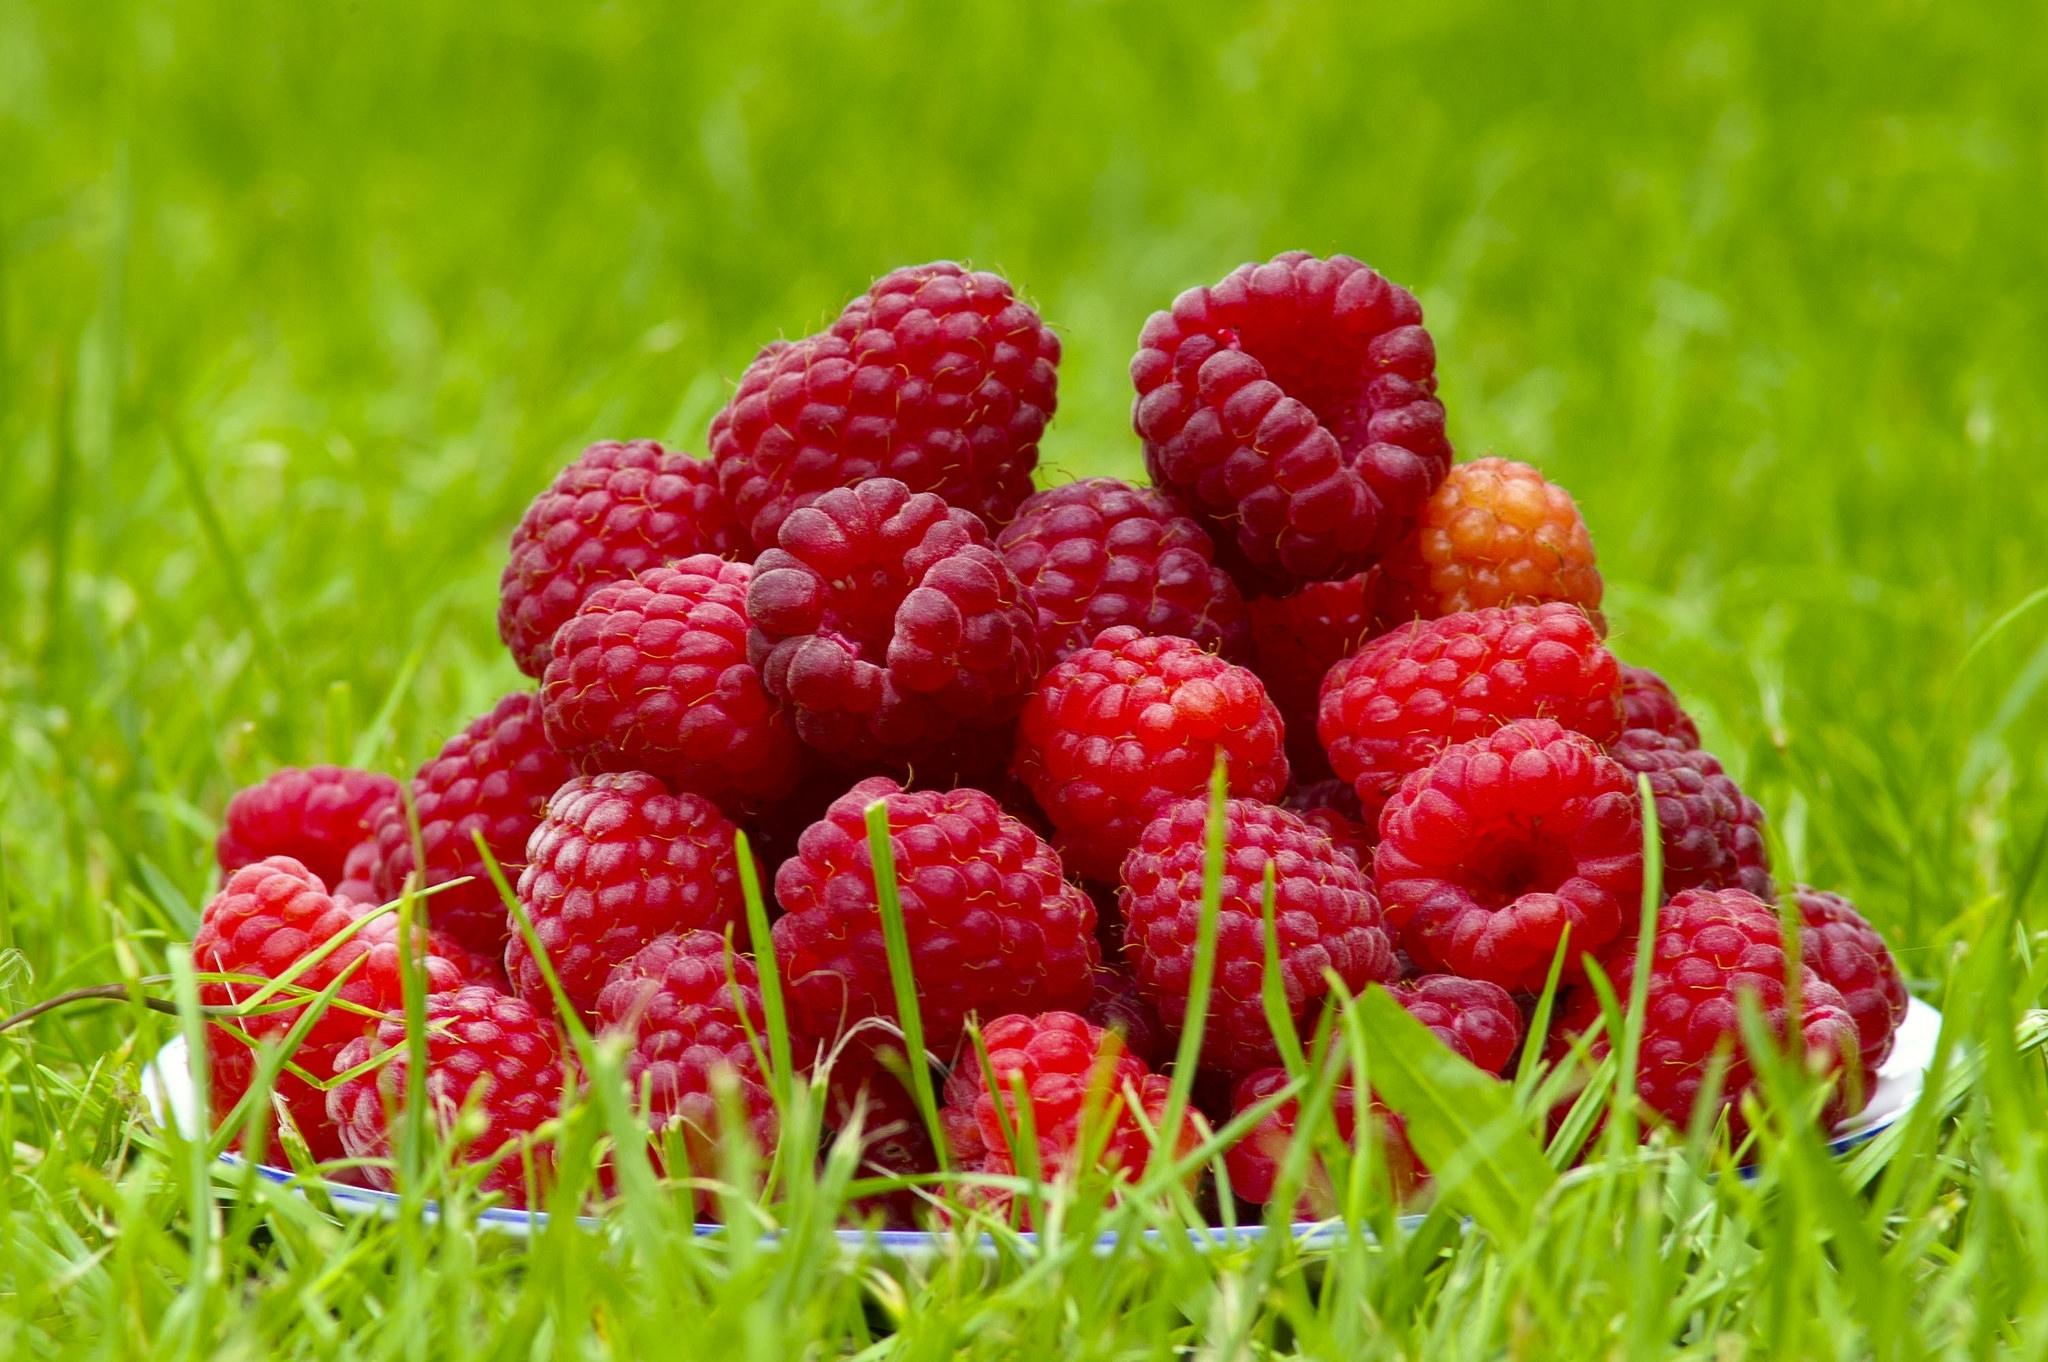 так летние ягодки картинки без